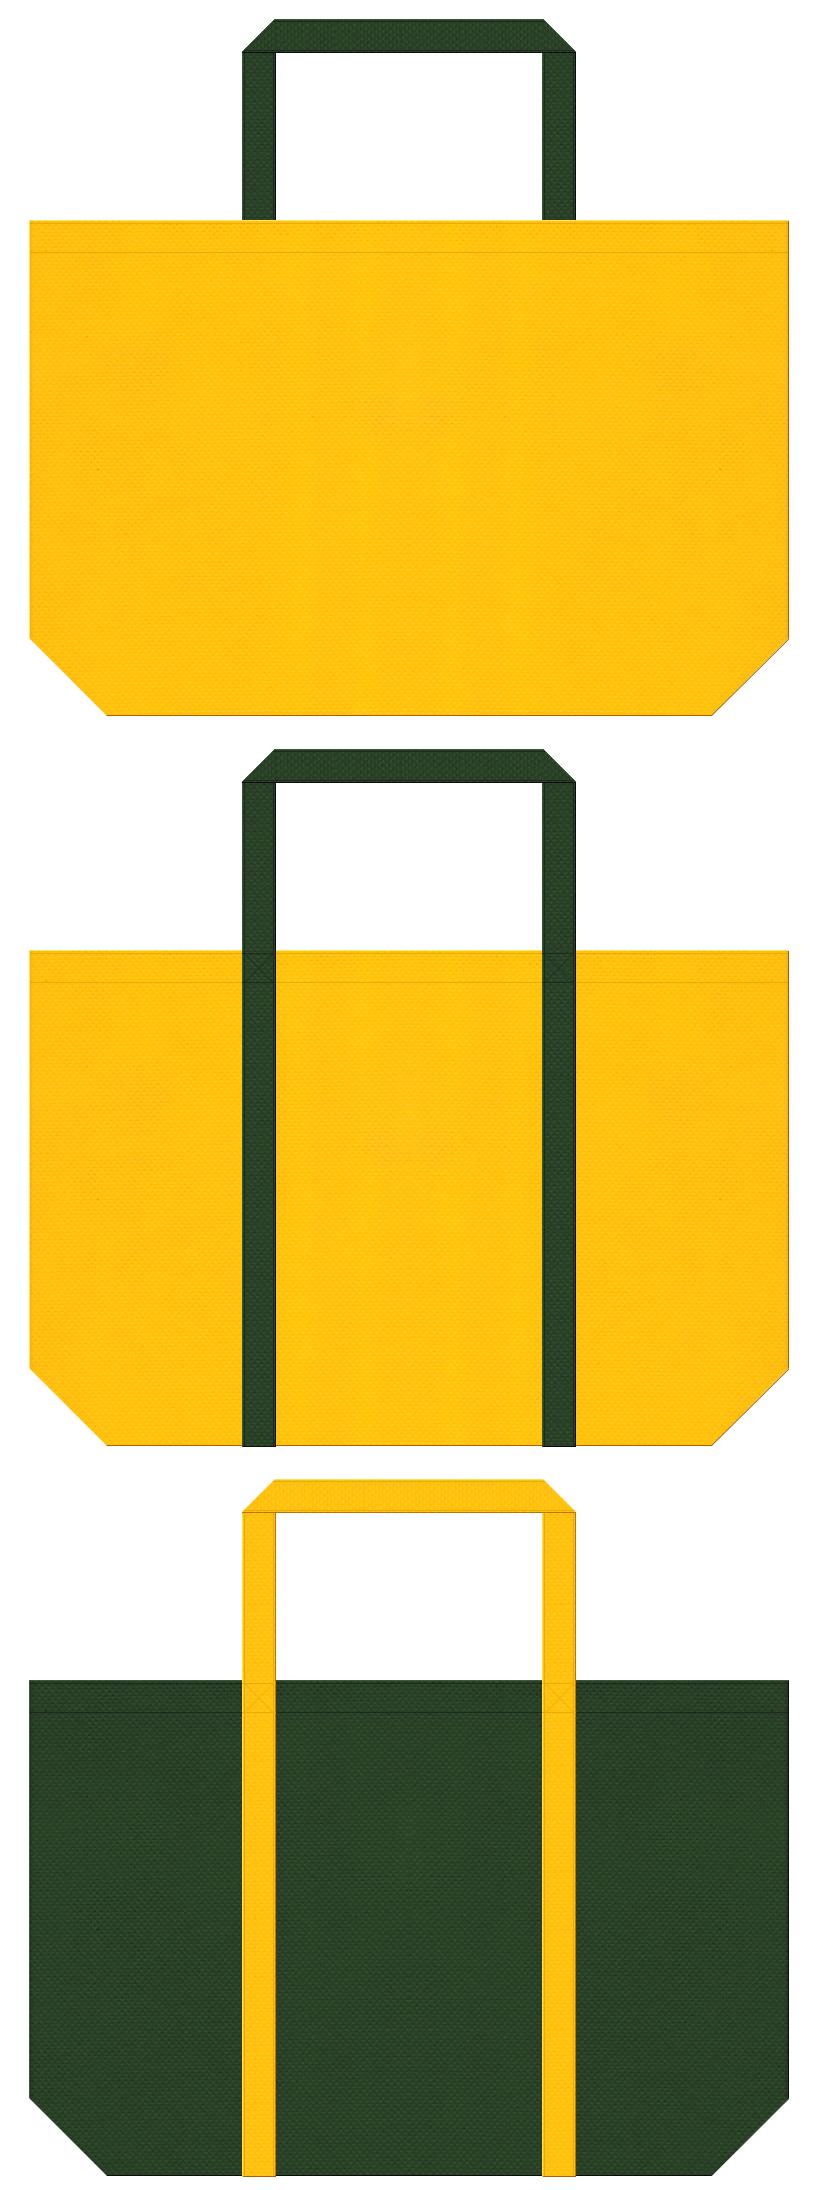 パイナップル・かぼちゃ・保安・電気工事・安全用品・アウトドア・キャンプ用品の展示会用バッグ・販促イベントのノベルティにお奨めの不織布バッグデザイン:黄色と濃緑色のコーデ